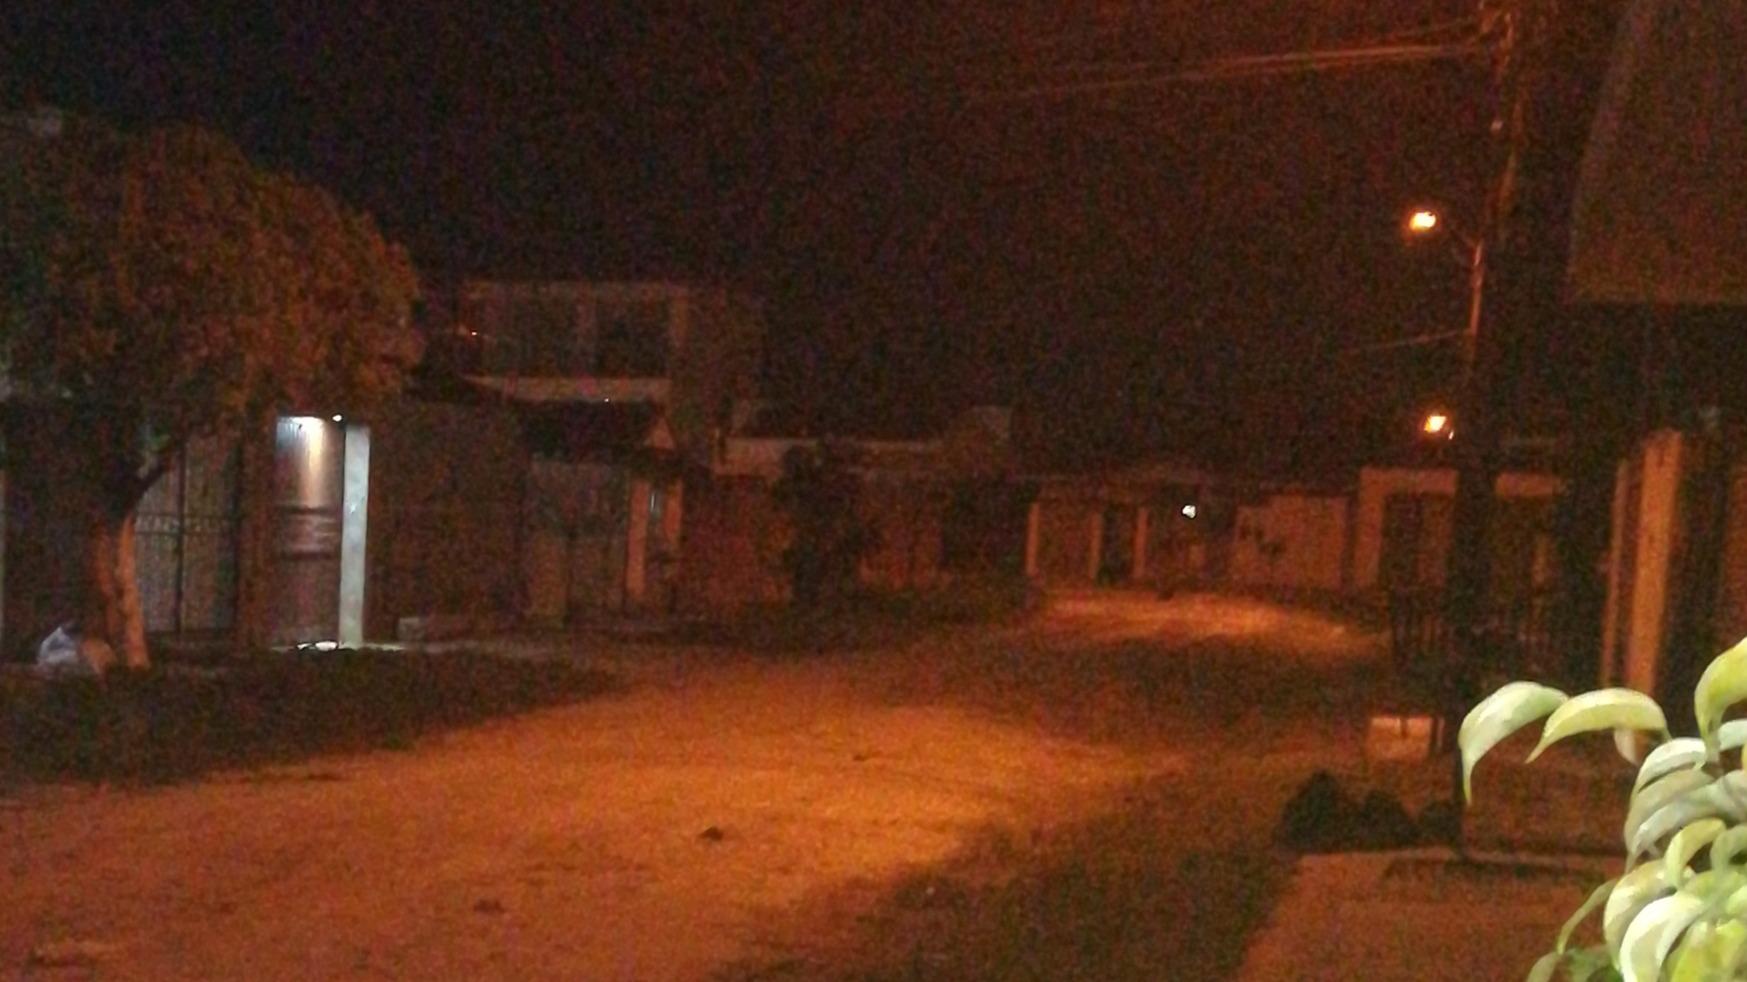 Die Straße vorm Haus gegen 21 Uhr